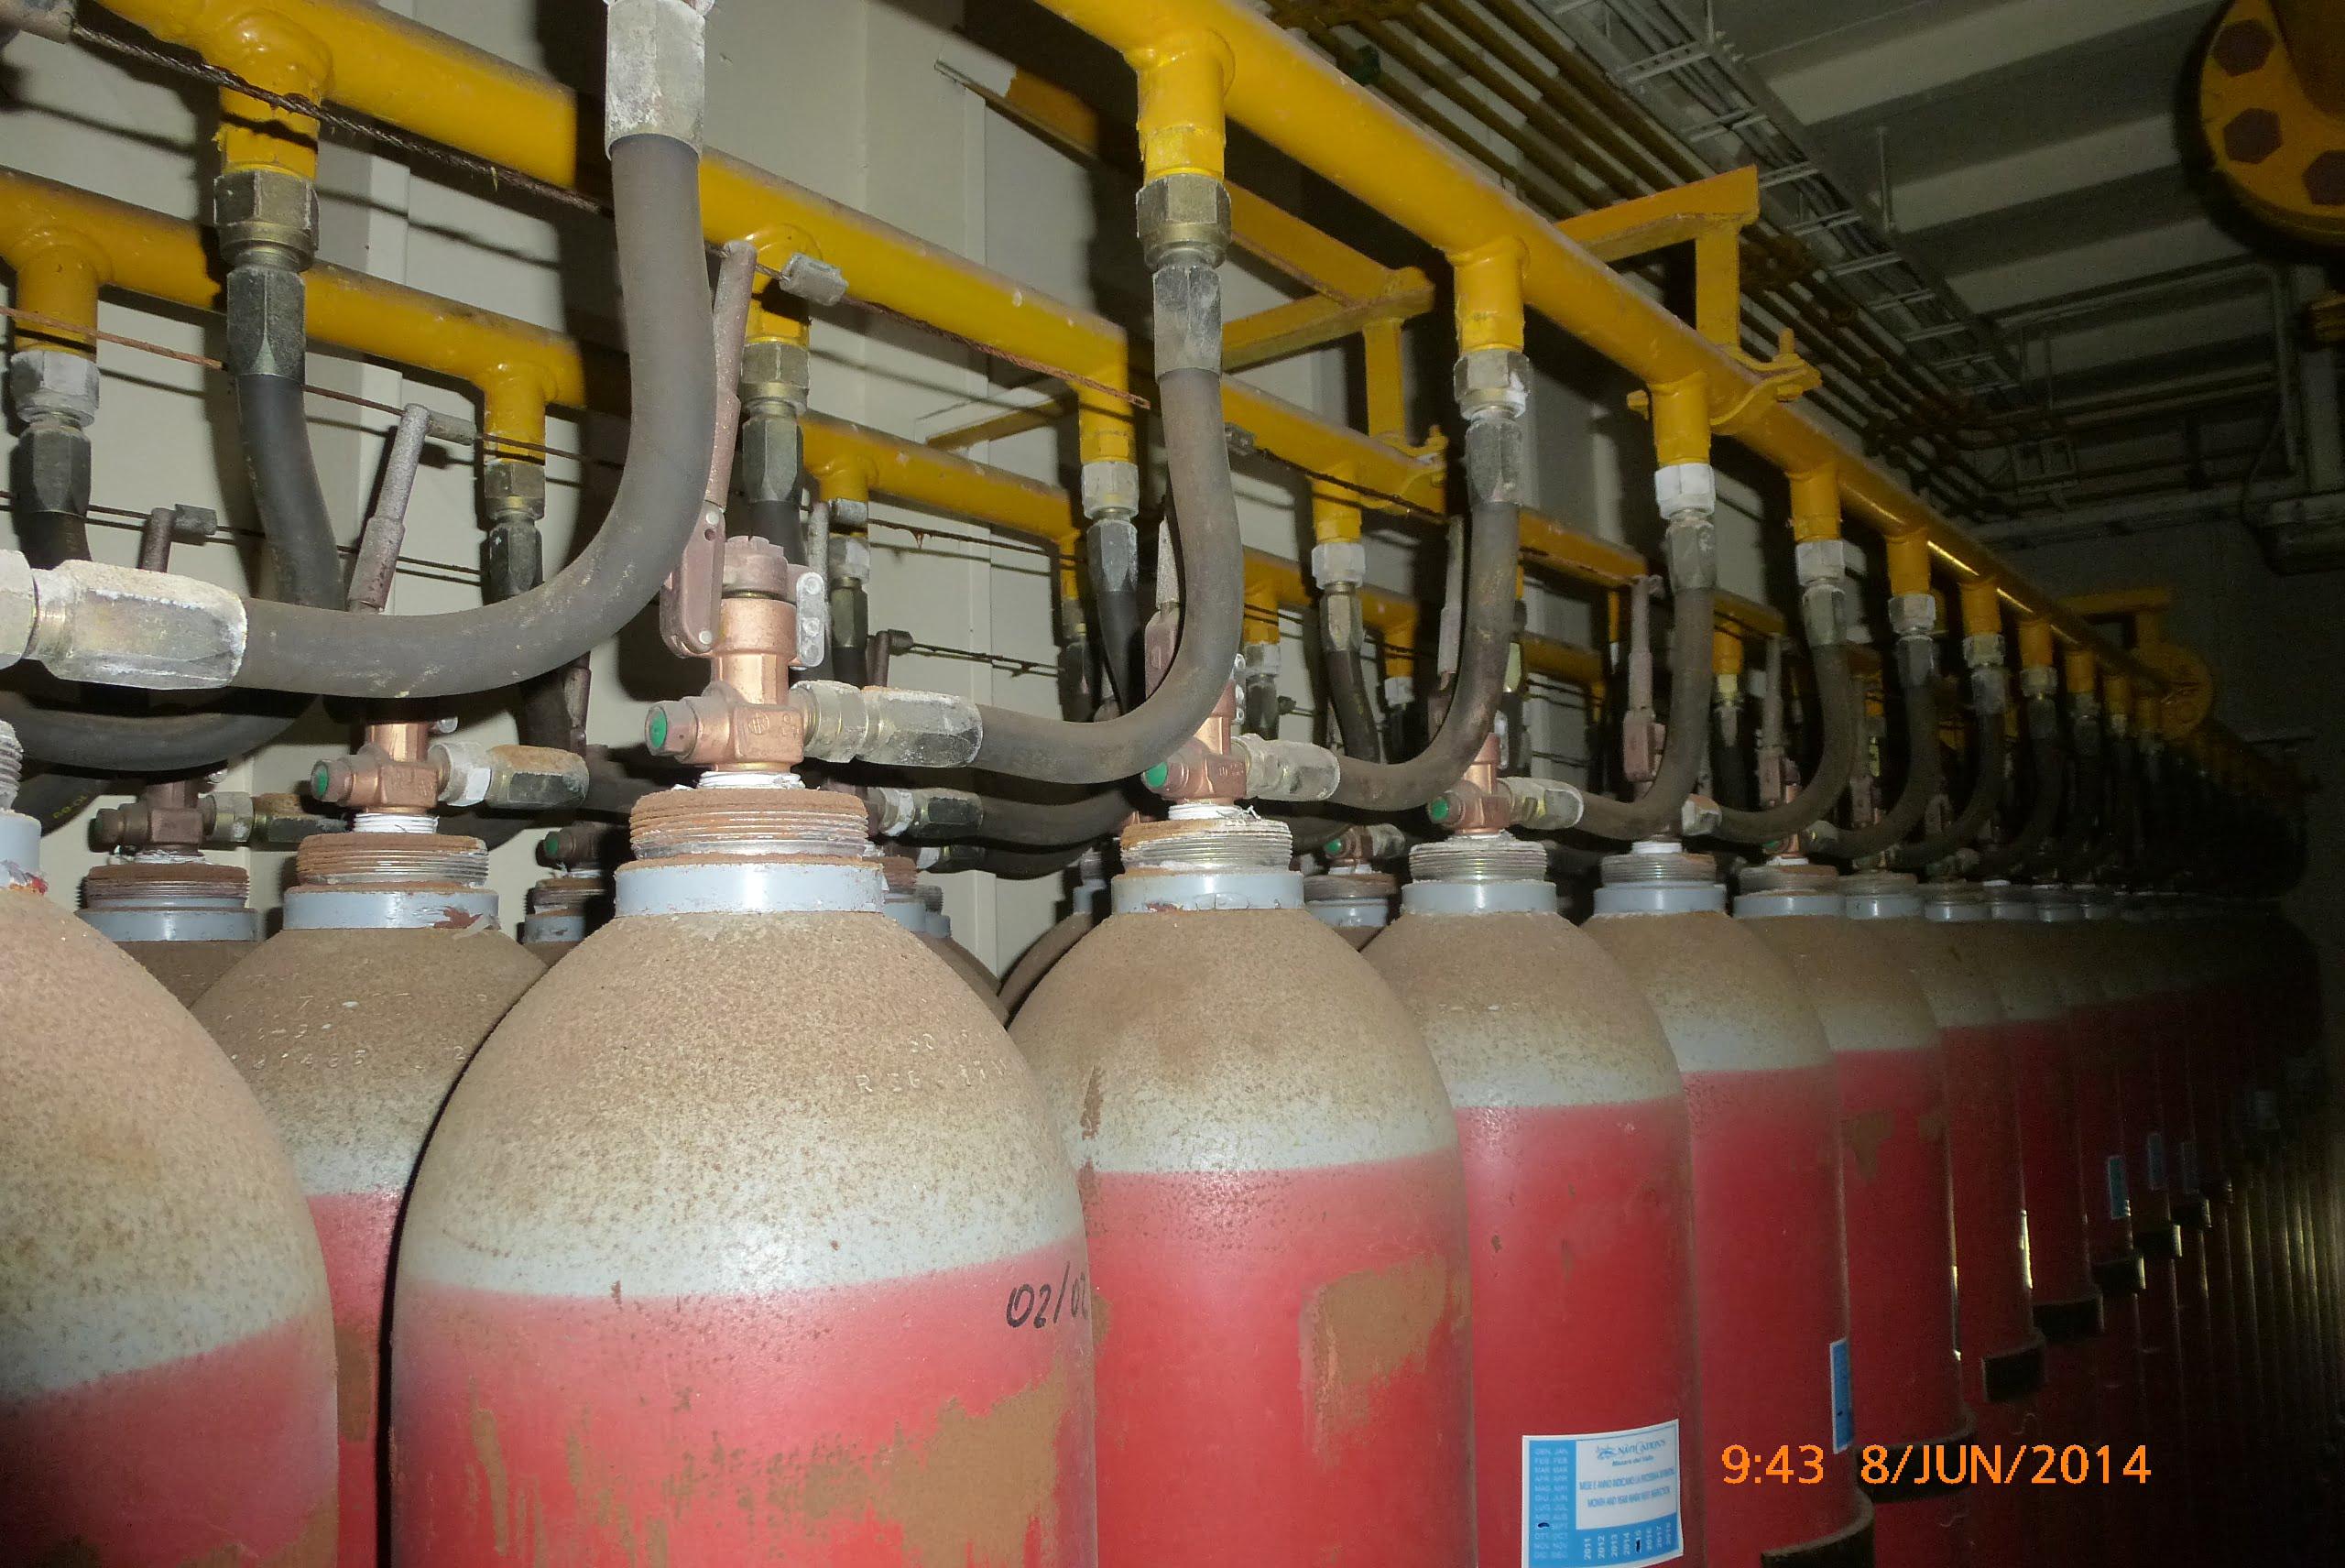 shipboard CO2 fire suppression systems